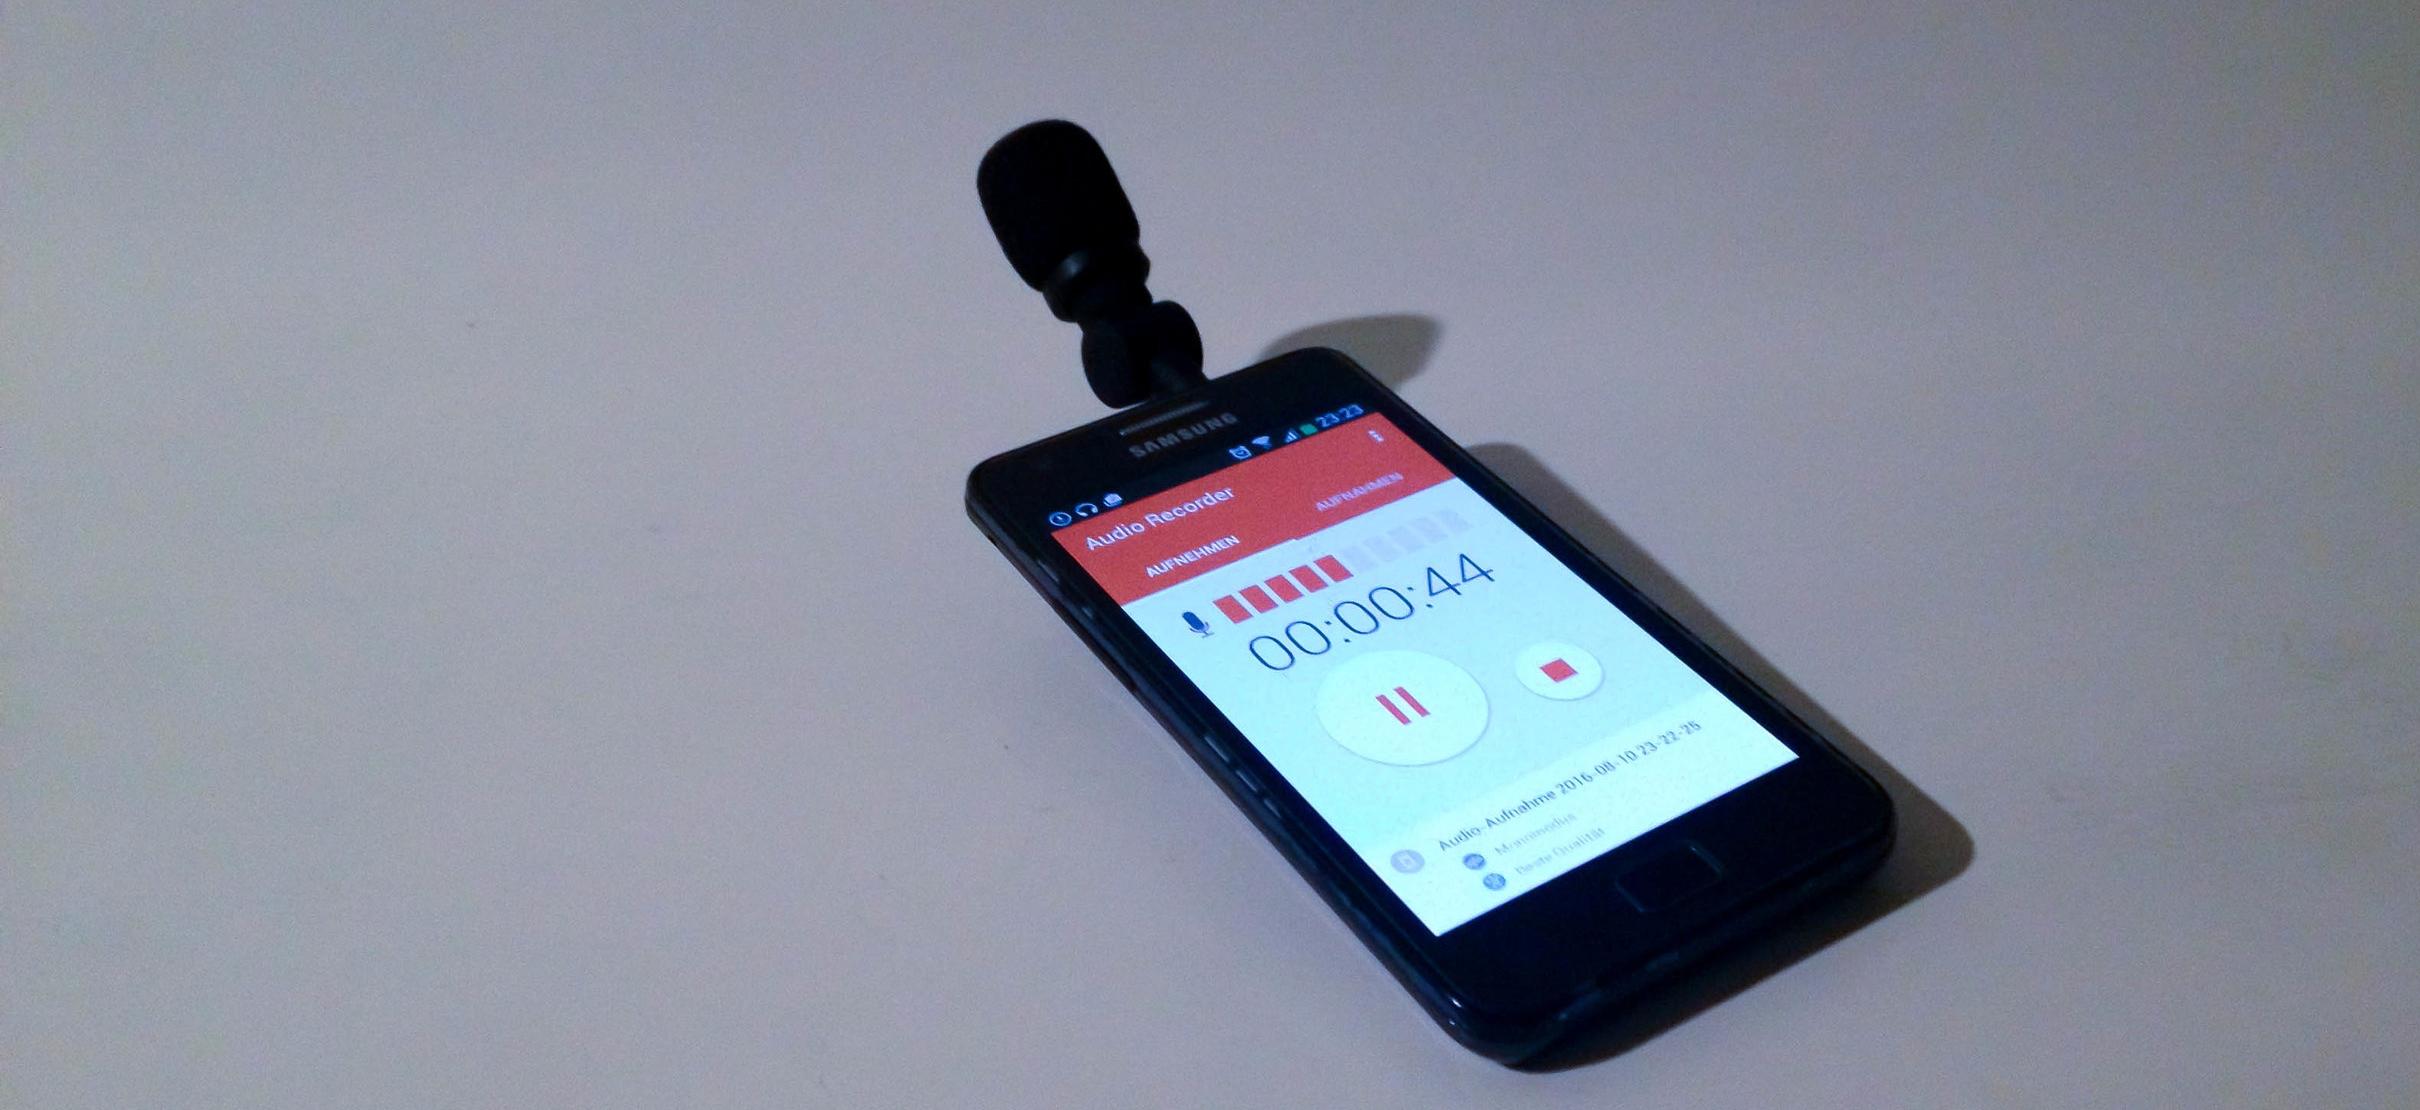 Ein modifiziertes, externes Mikrofon mit einer PRIMO EM 172 Mikrofonkapsel für Smartphones